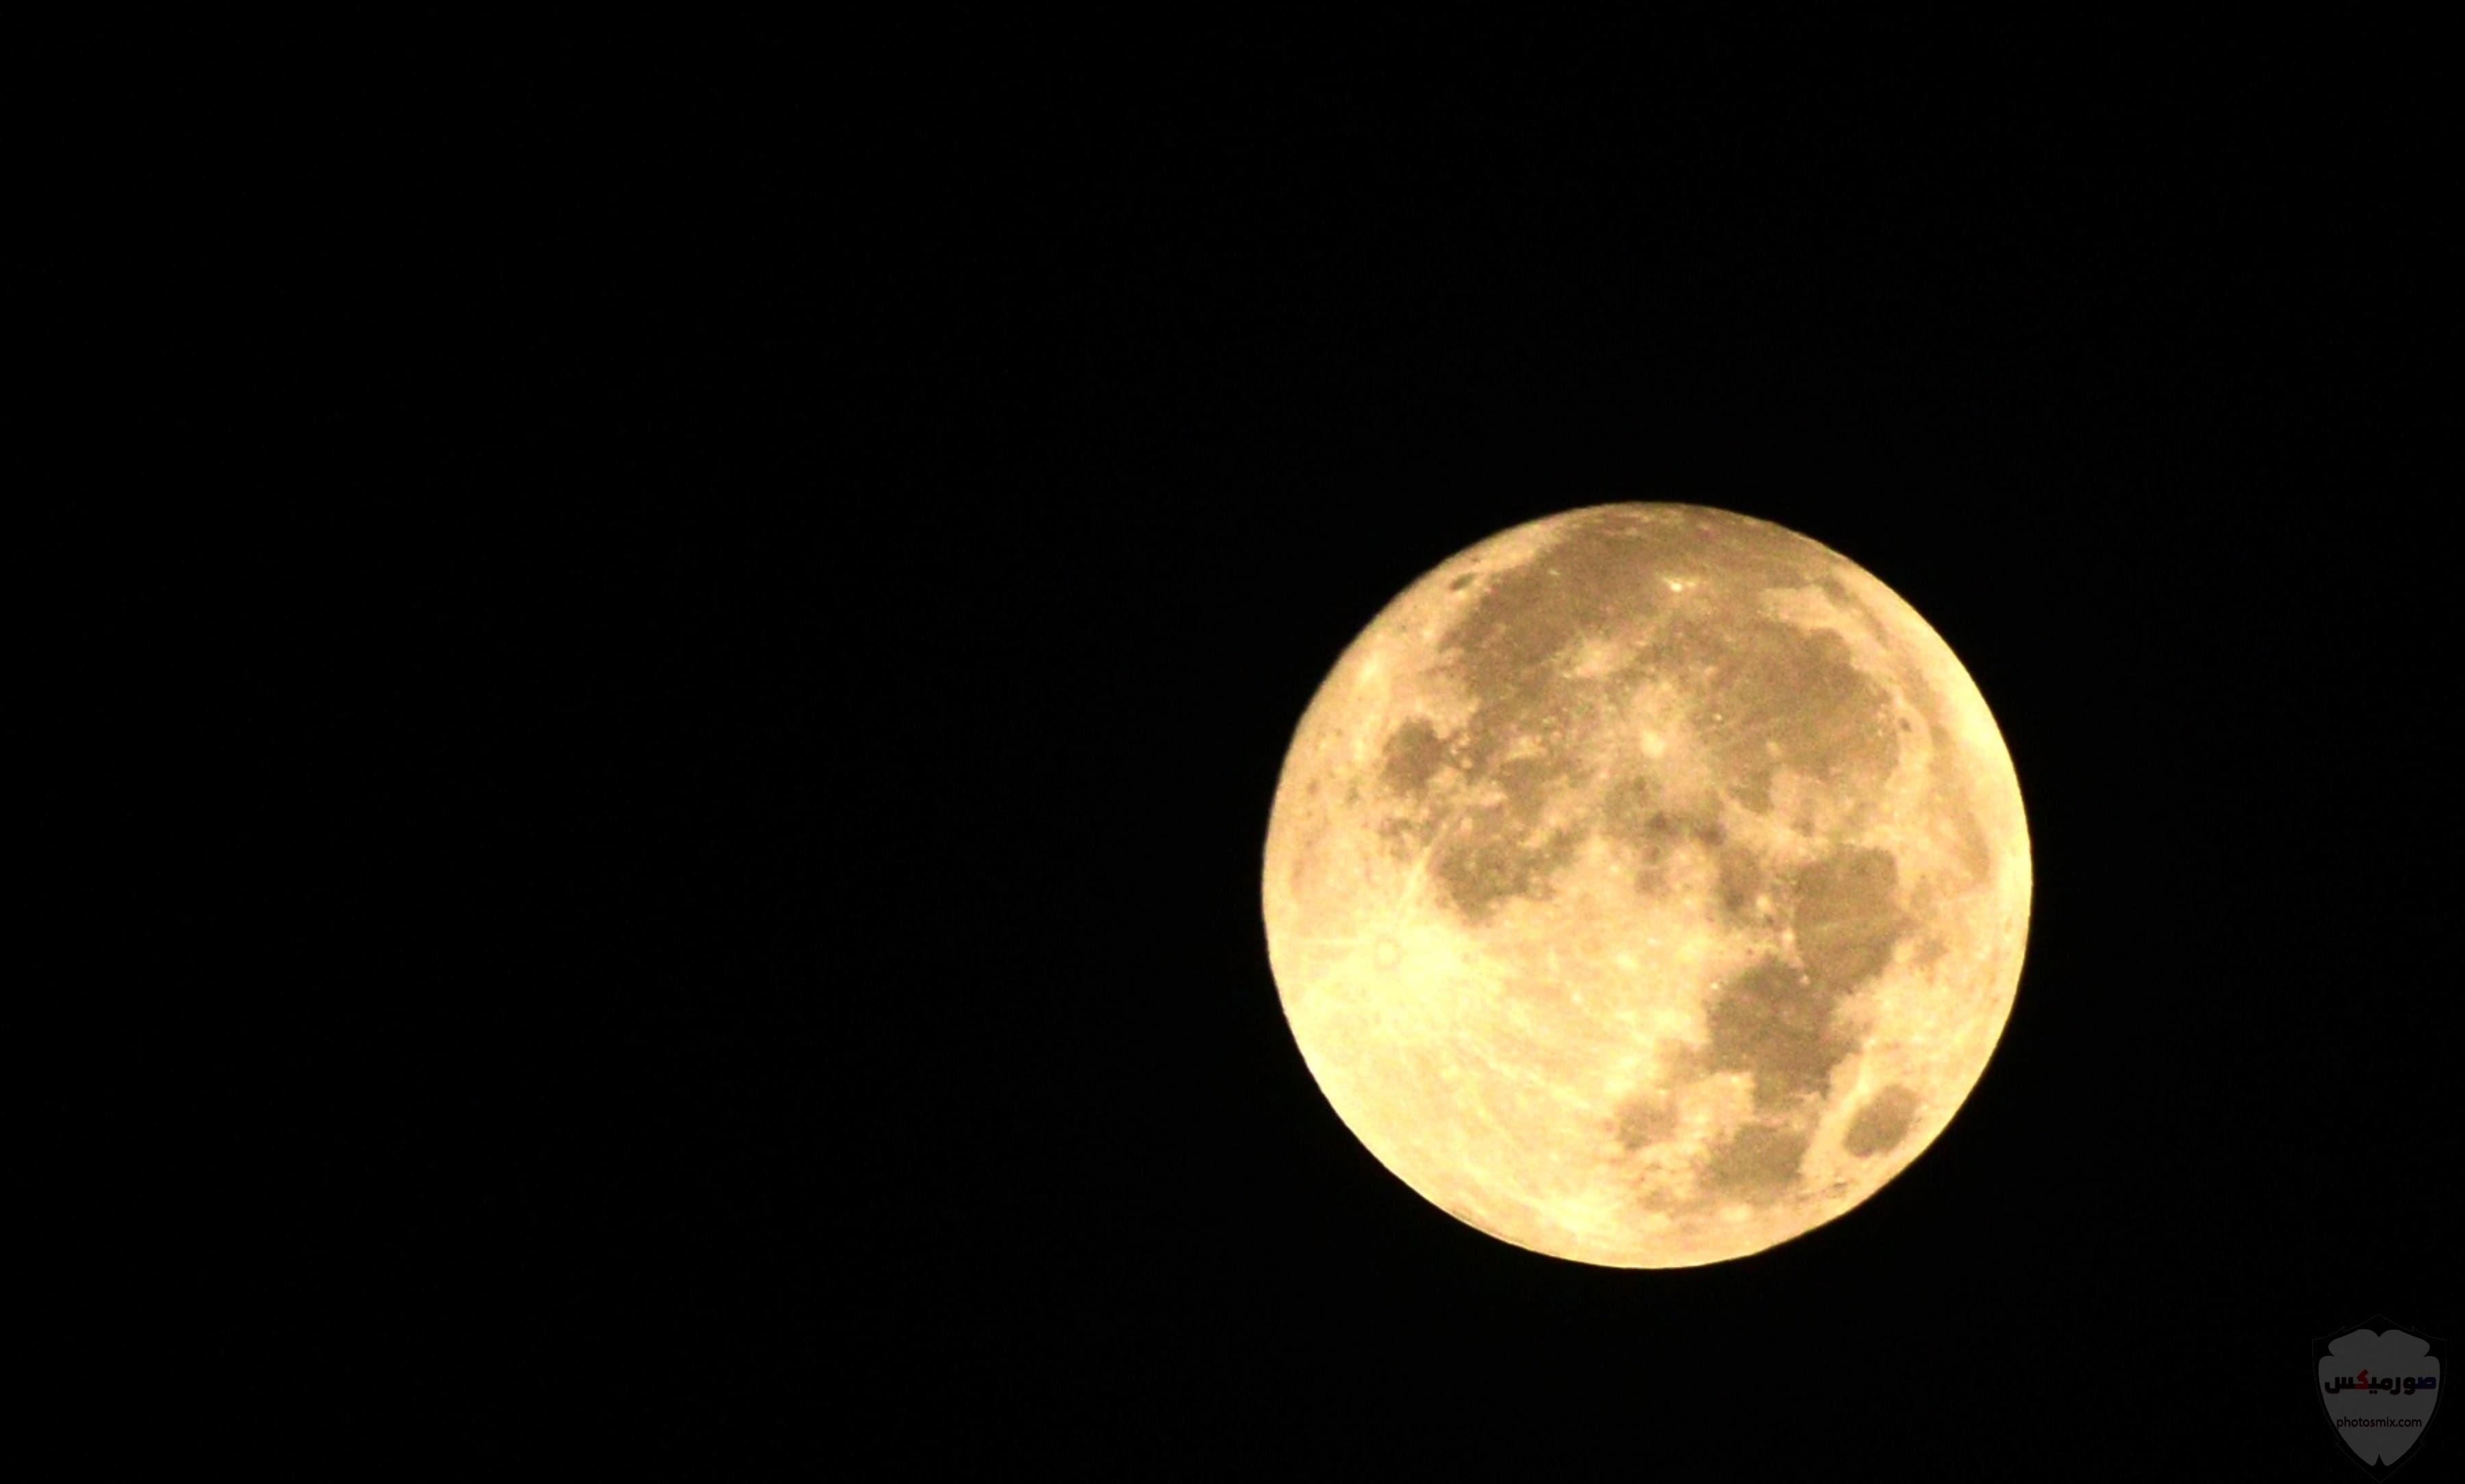 صور القمر والسماء والنجوم خلفيات للقمر والبدر والهلال عالية الجودة 6